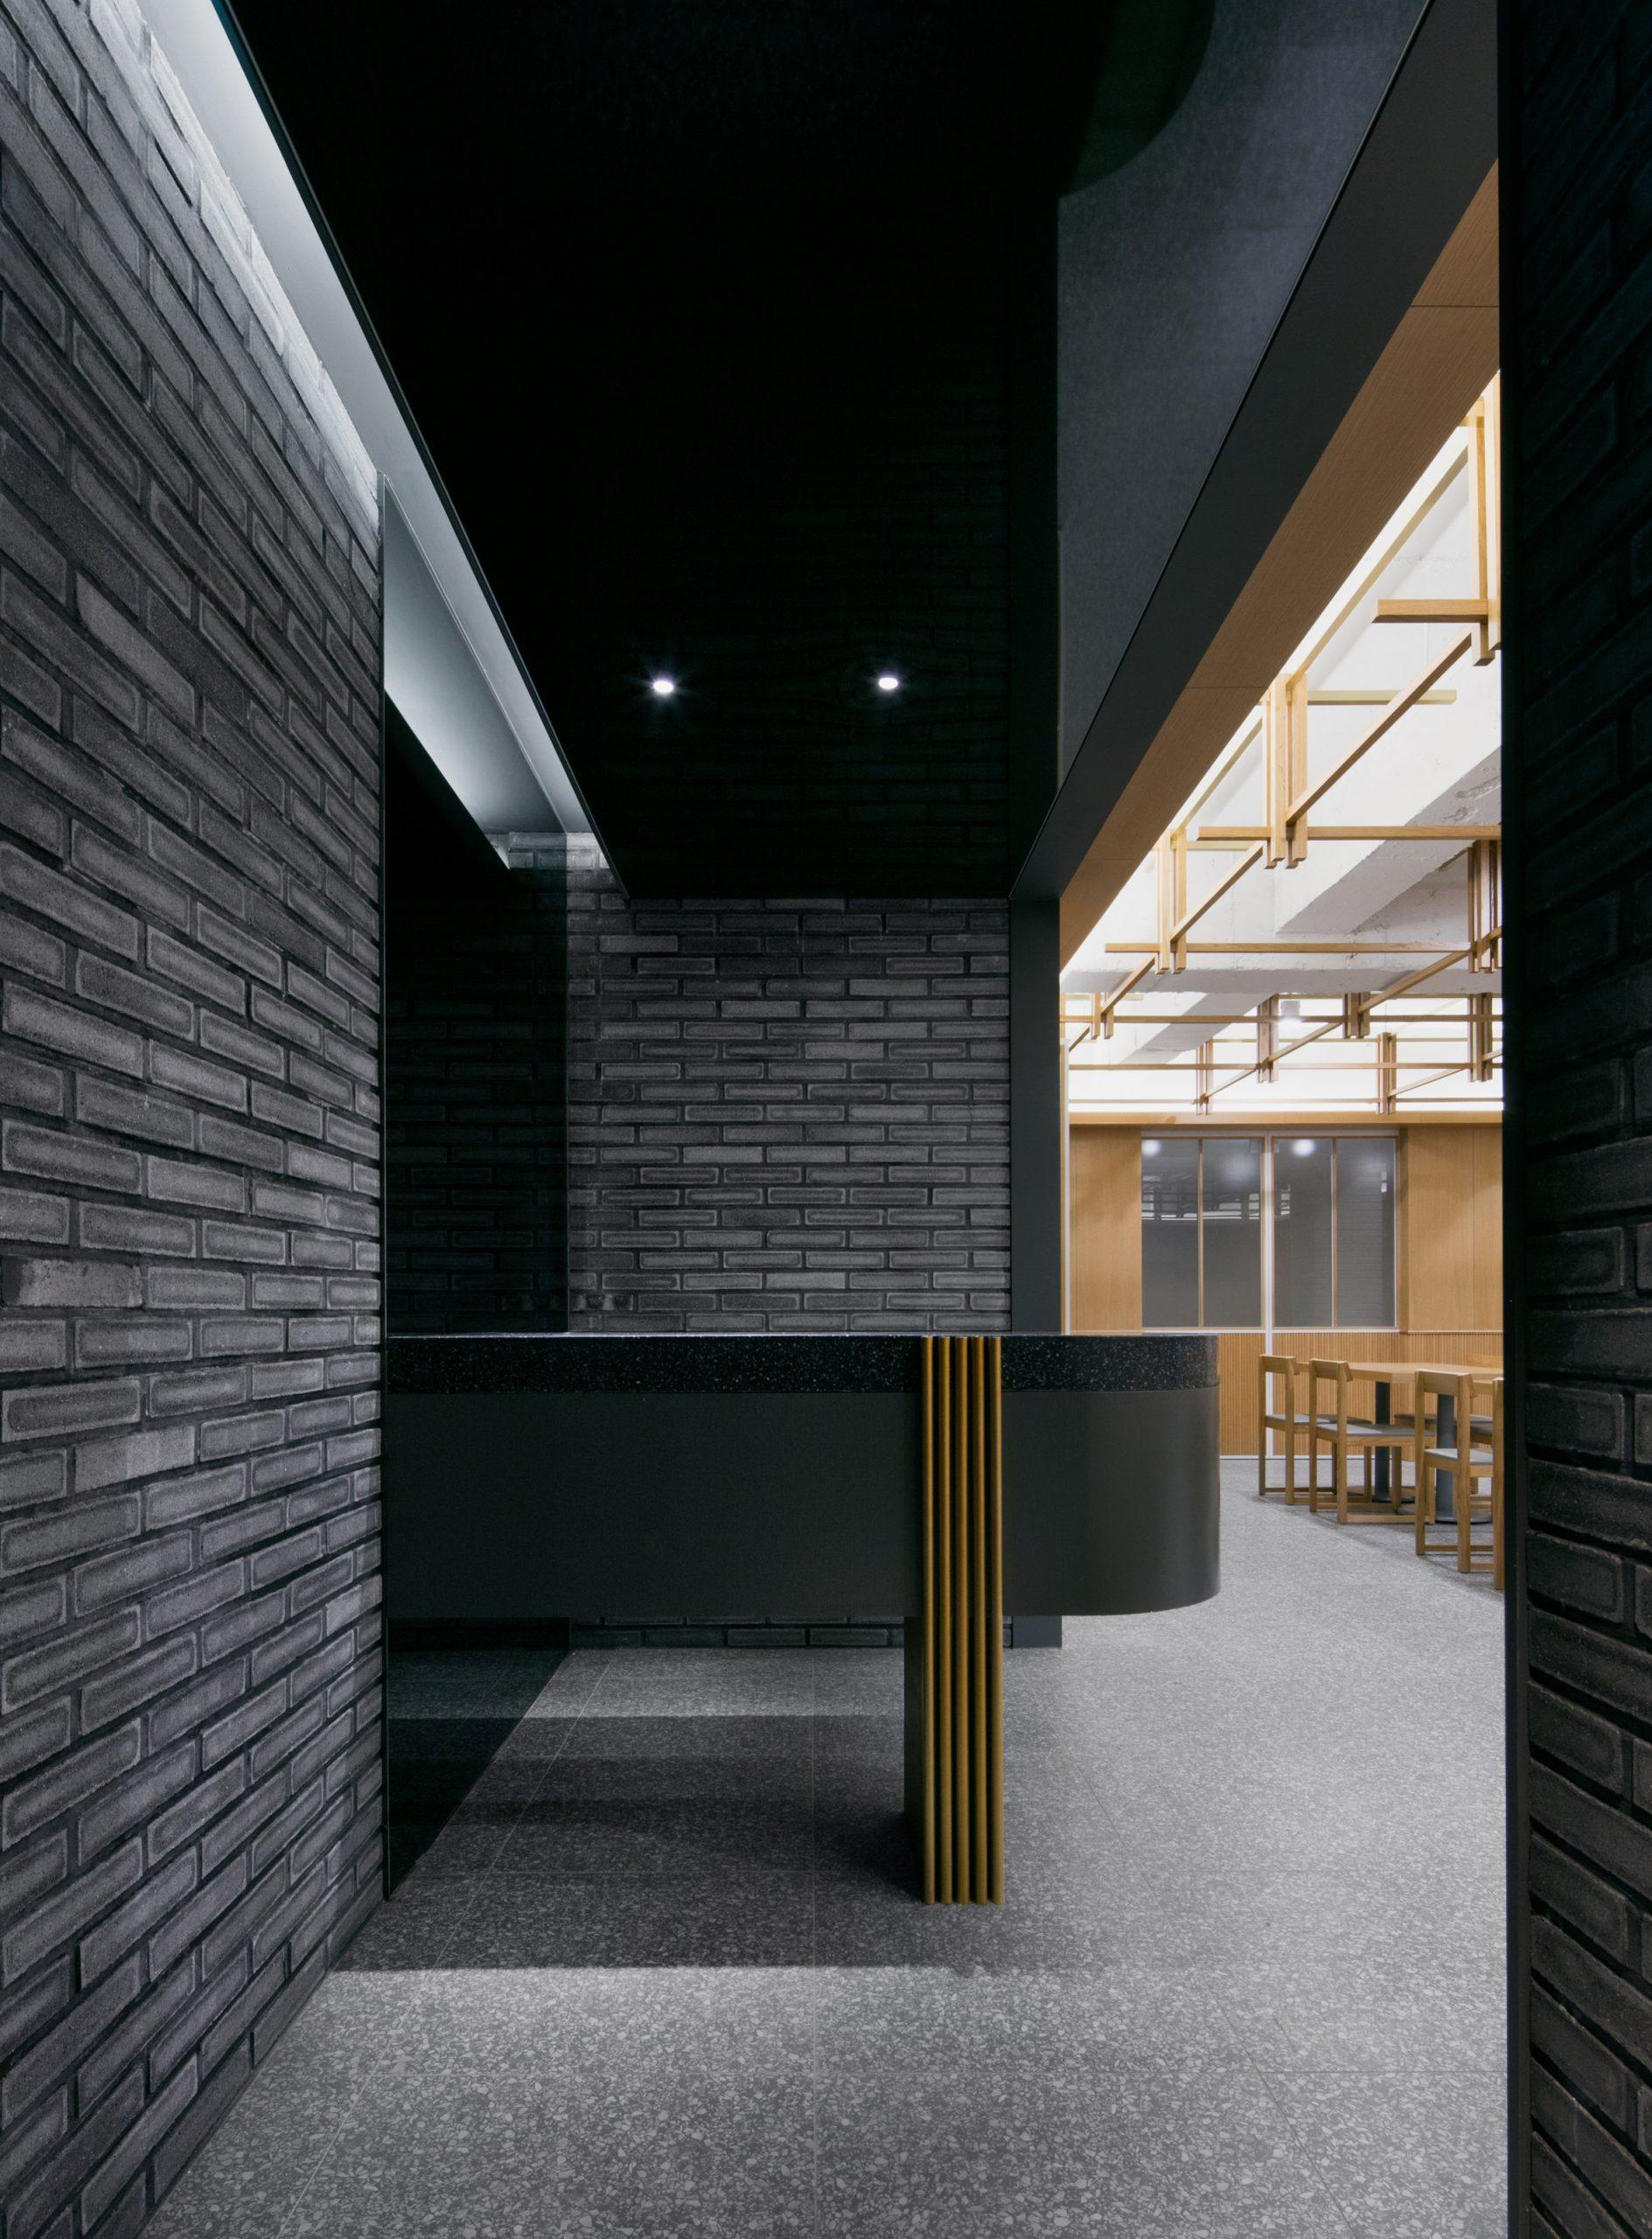 Thiết kế nội thất nhà hàng hàn quốc 18